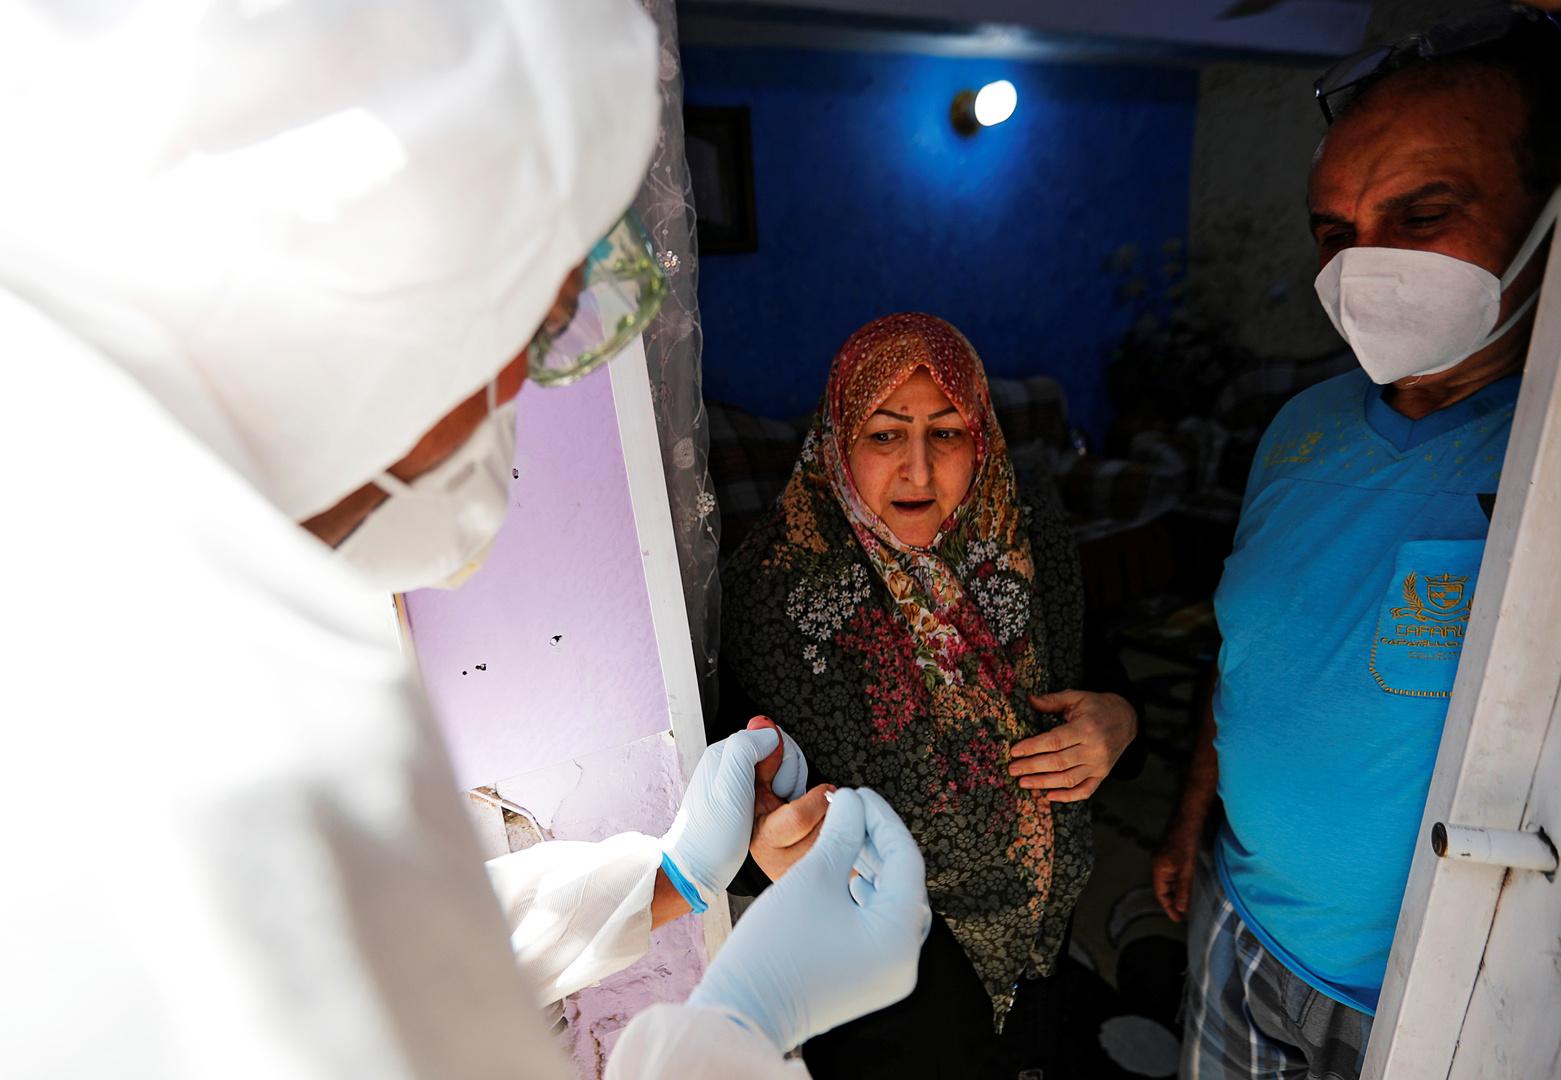 العراق يسجل قفزة كبيرة بأعداد المصابين بفيروس كورونا